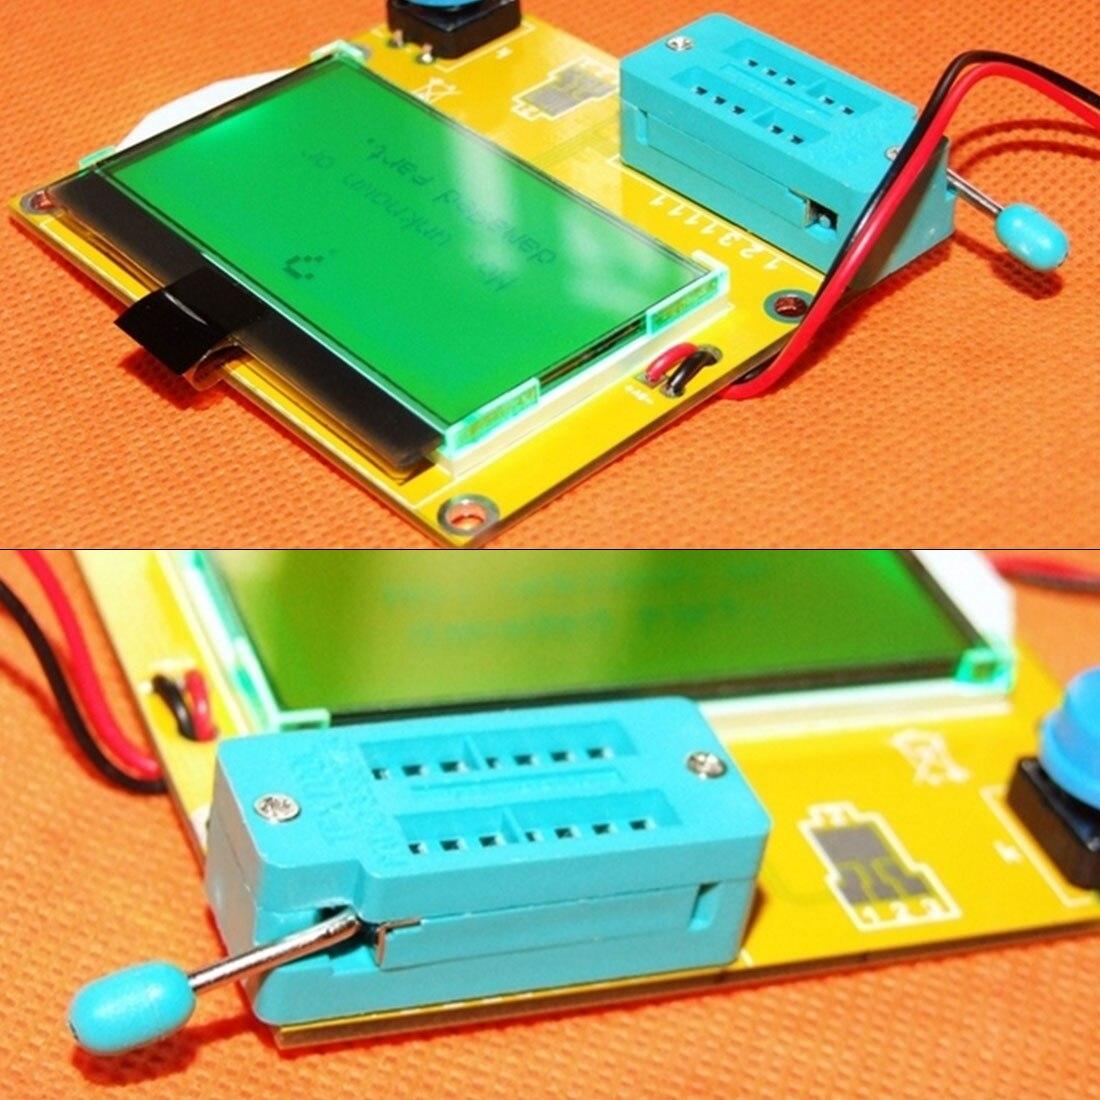 Aletler'ten Multimetreler'de 1 adet M328 LCR T4 12846 LCD dijital transistör tester ölçer arka işık diyot triyot kapasite ESR metre MOS/PNP/NPN L /C/R